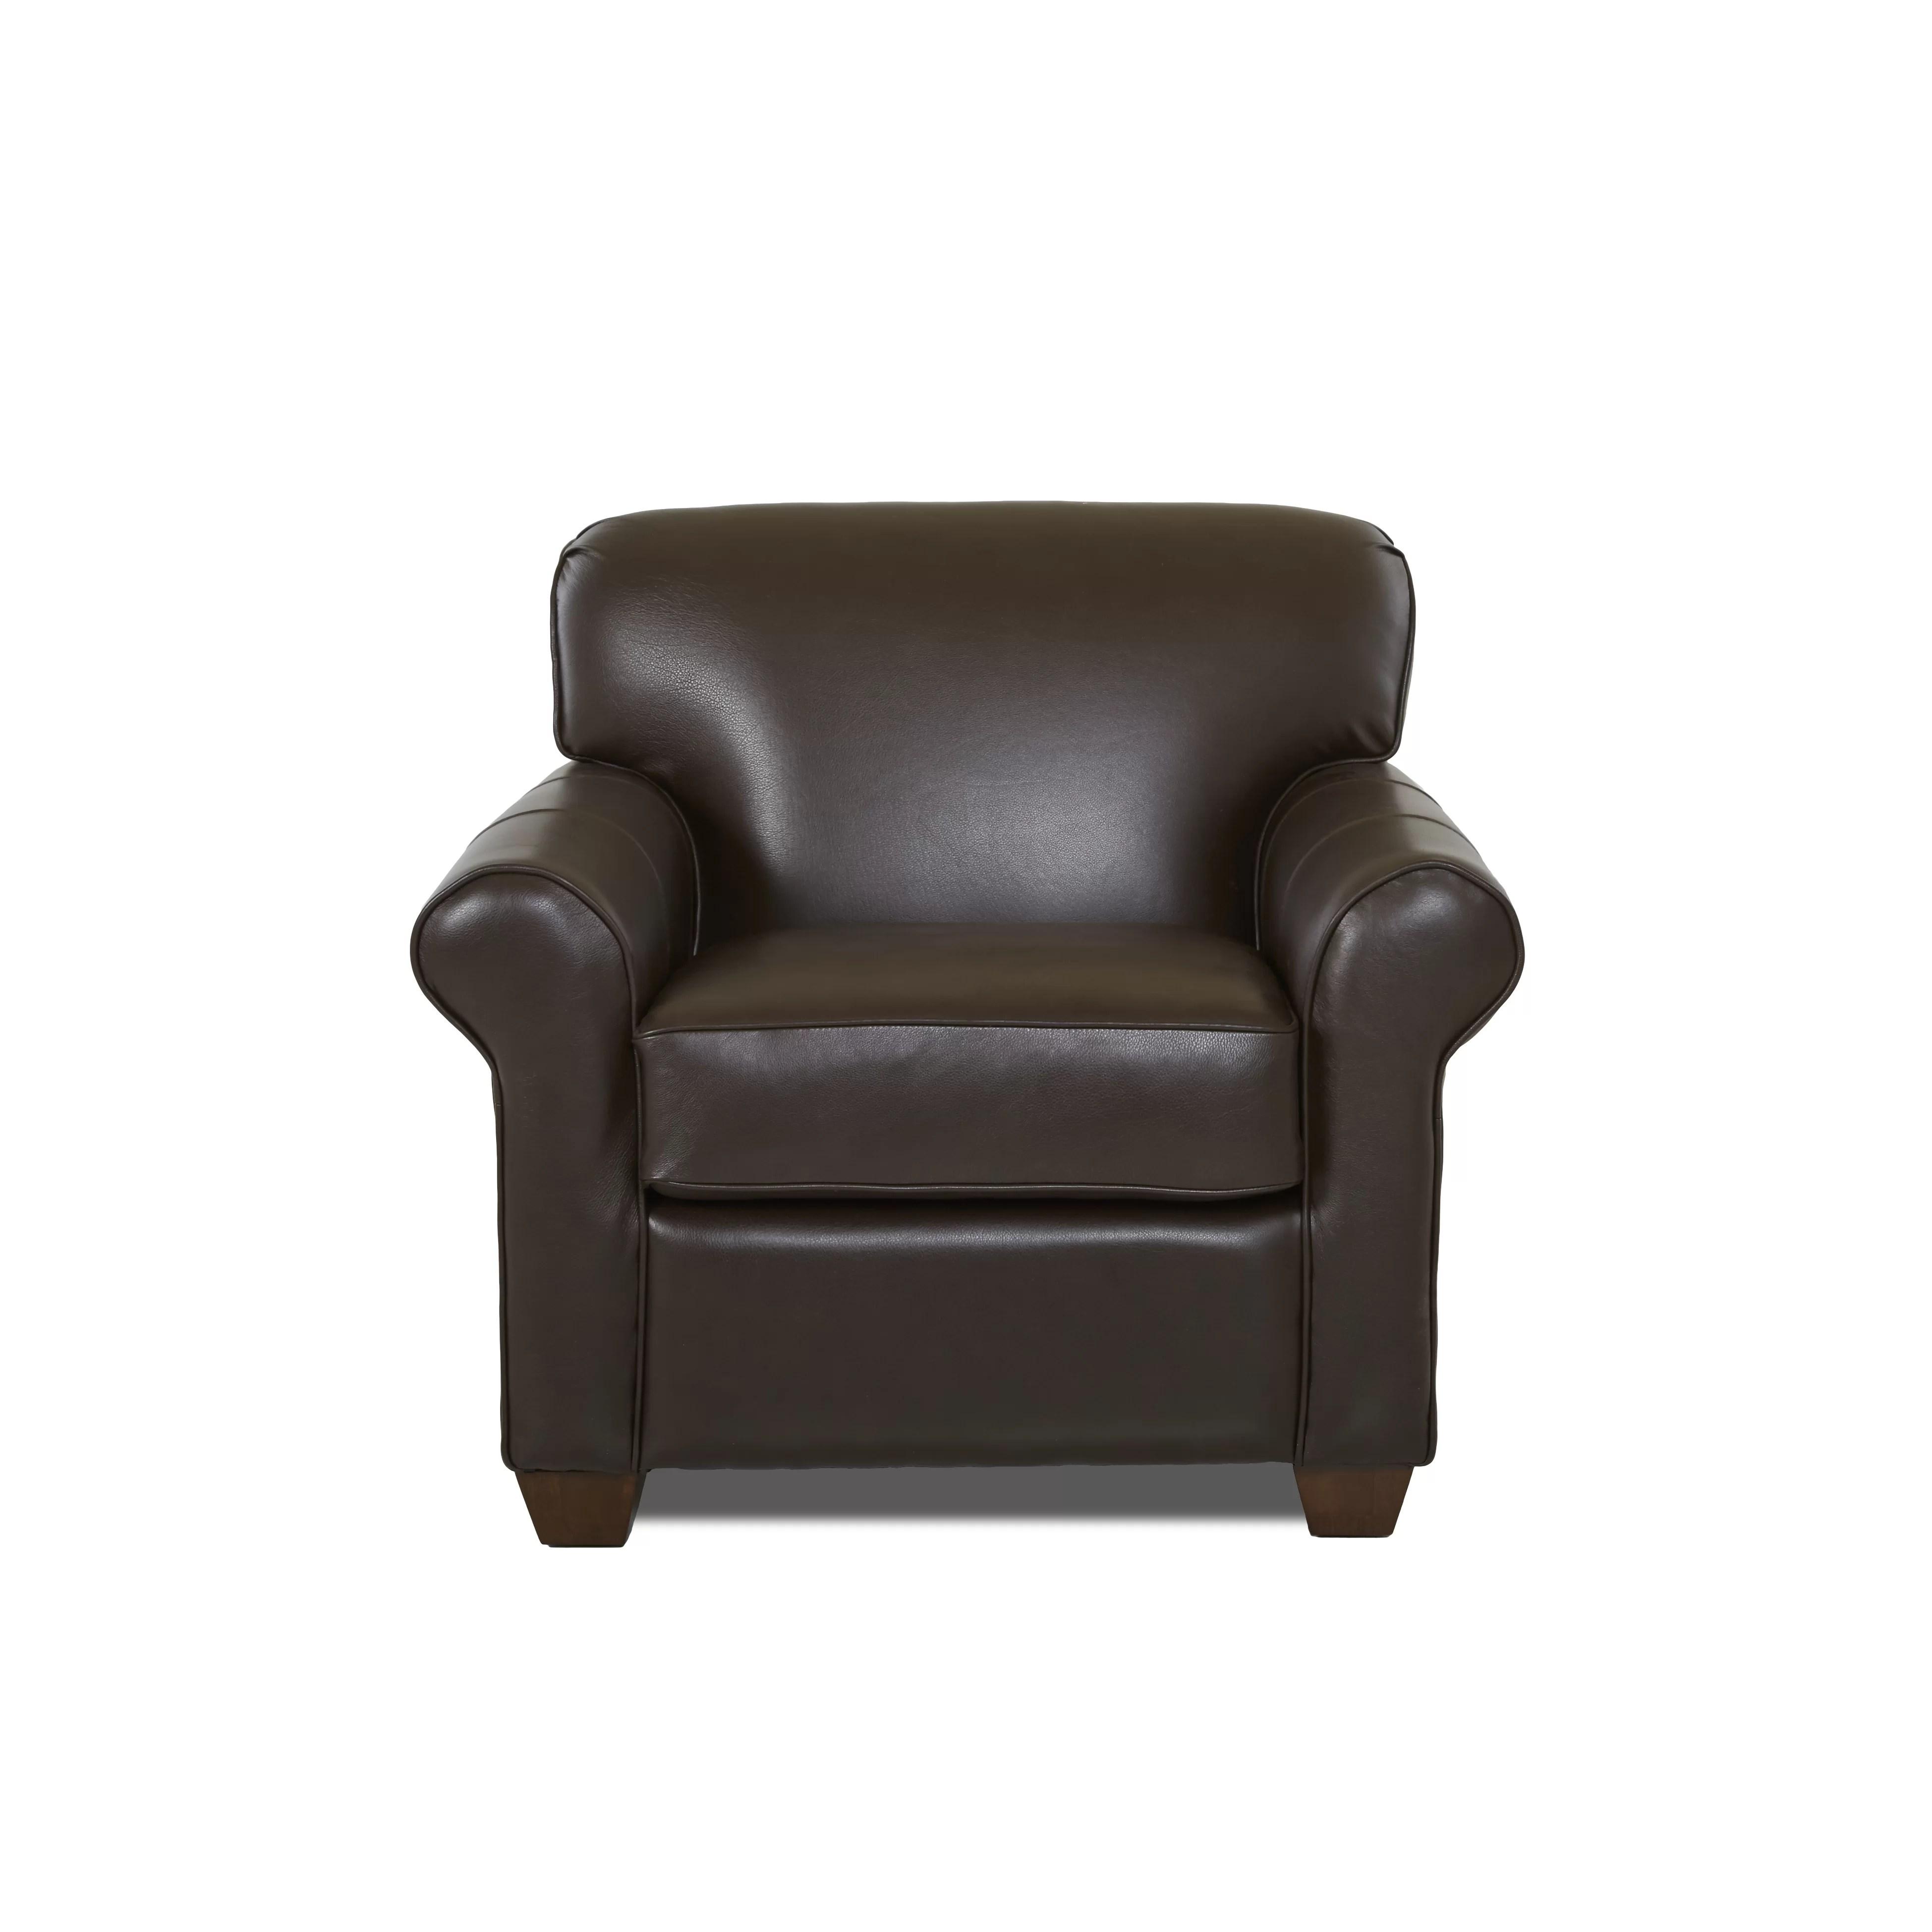 Wayfair Custom Upholstery Jennifer Leather Arm Chair